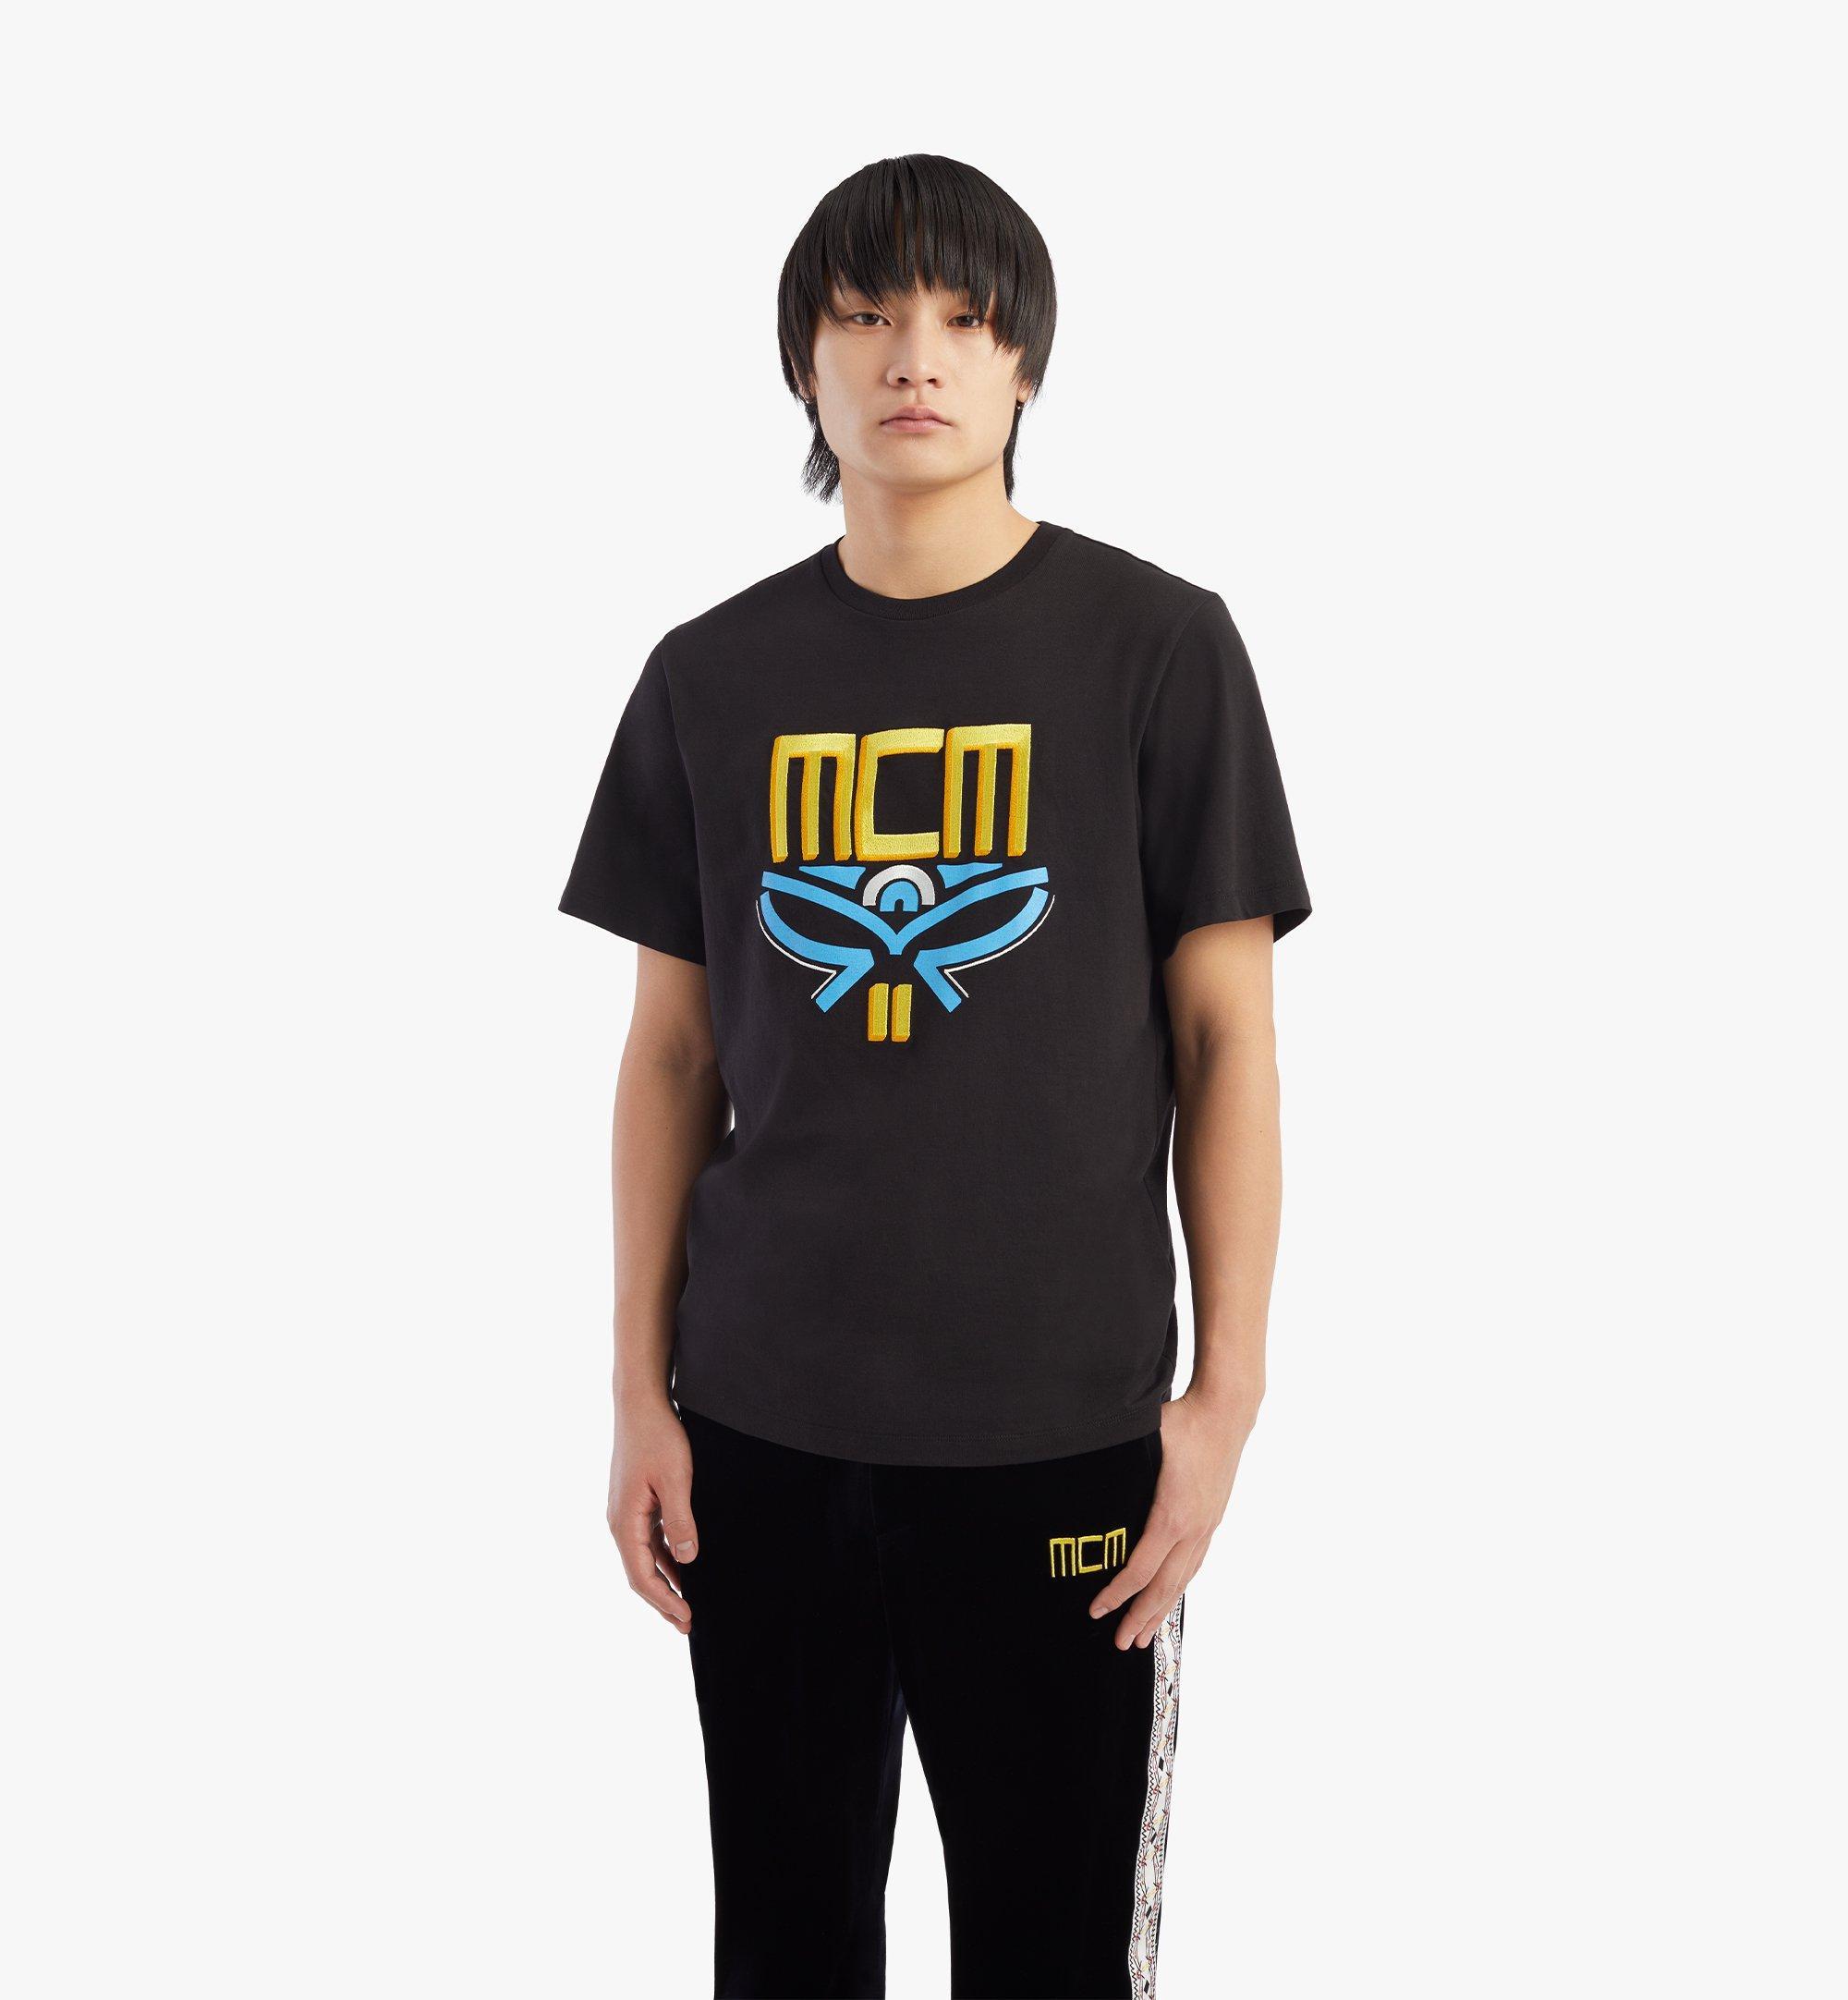 MCM T-shirt Geo Laurel pour homme Black MHTBSMM06BK00L Plus de photos 2